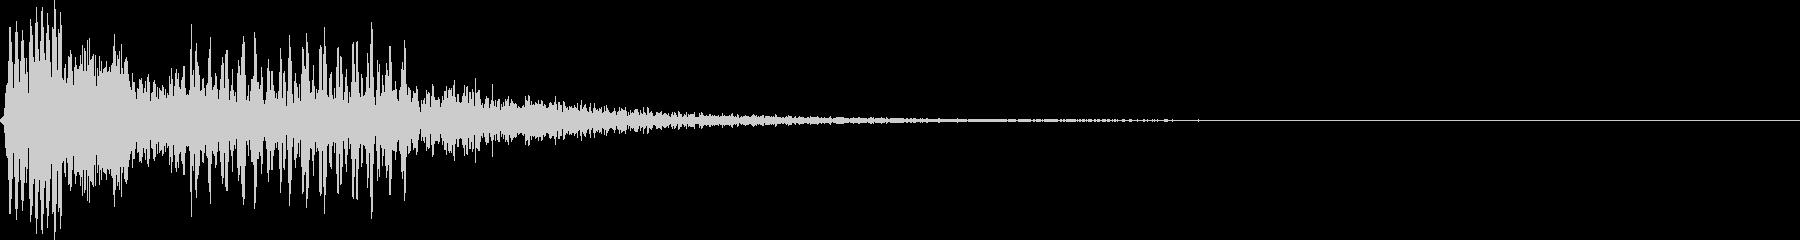 ボタンを押してビープ音を確認の未再生の波形